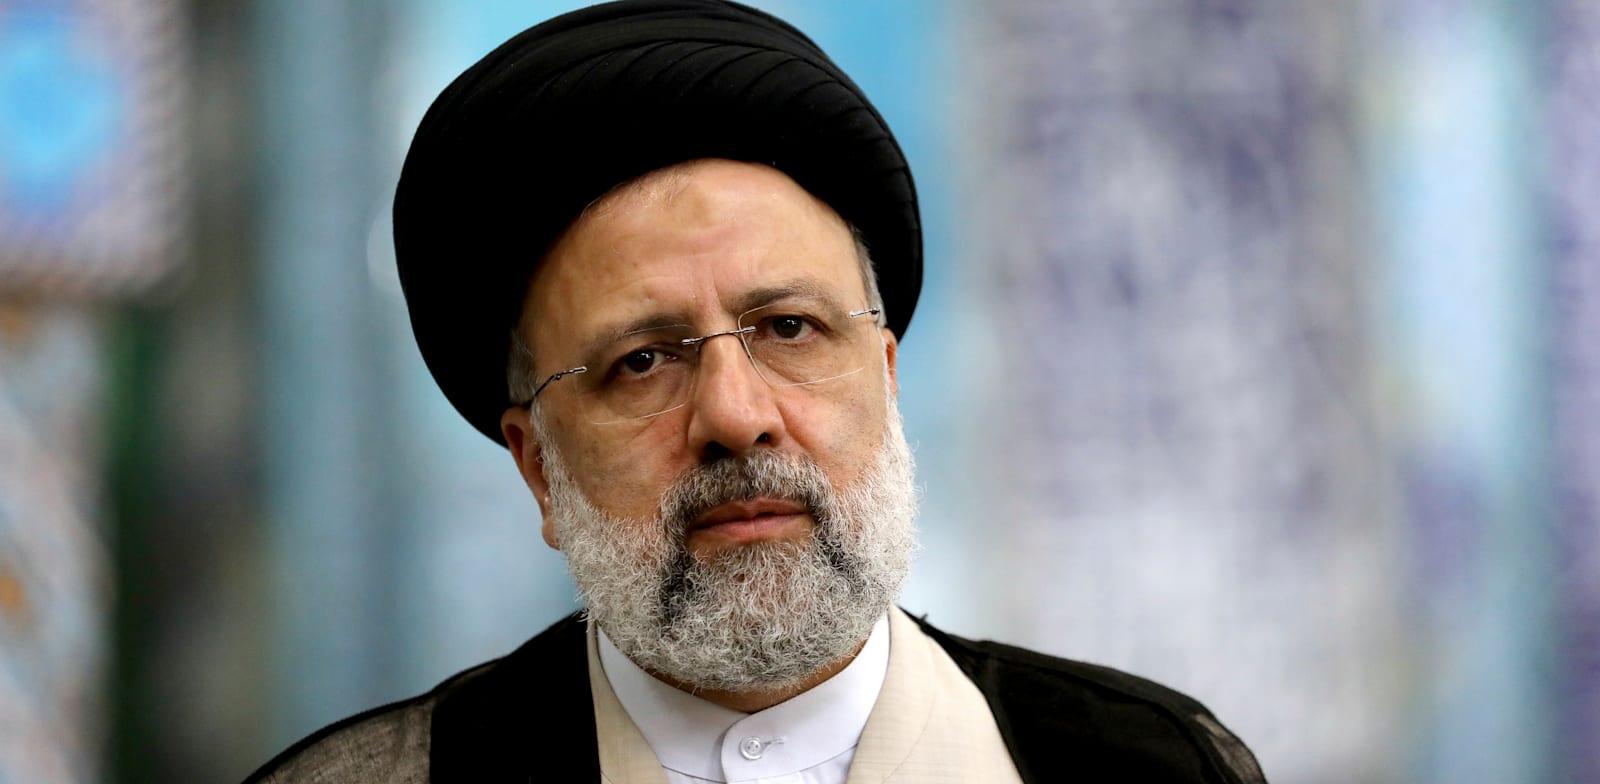 איברהים ראיסי. מסתמן כי ניצח בבחירות באיראן / צילום: Associated Press, Ebrahim Noroozi